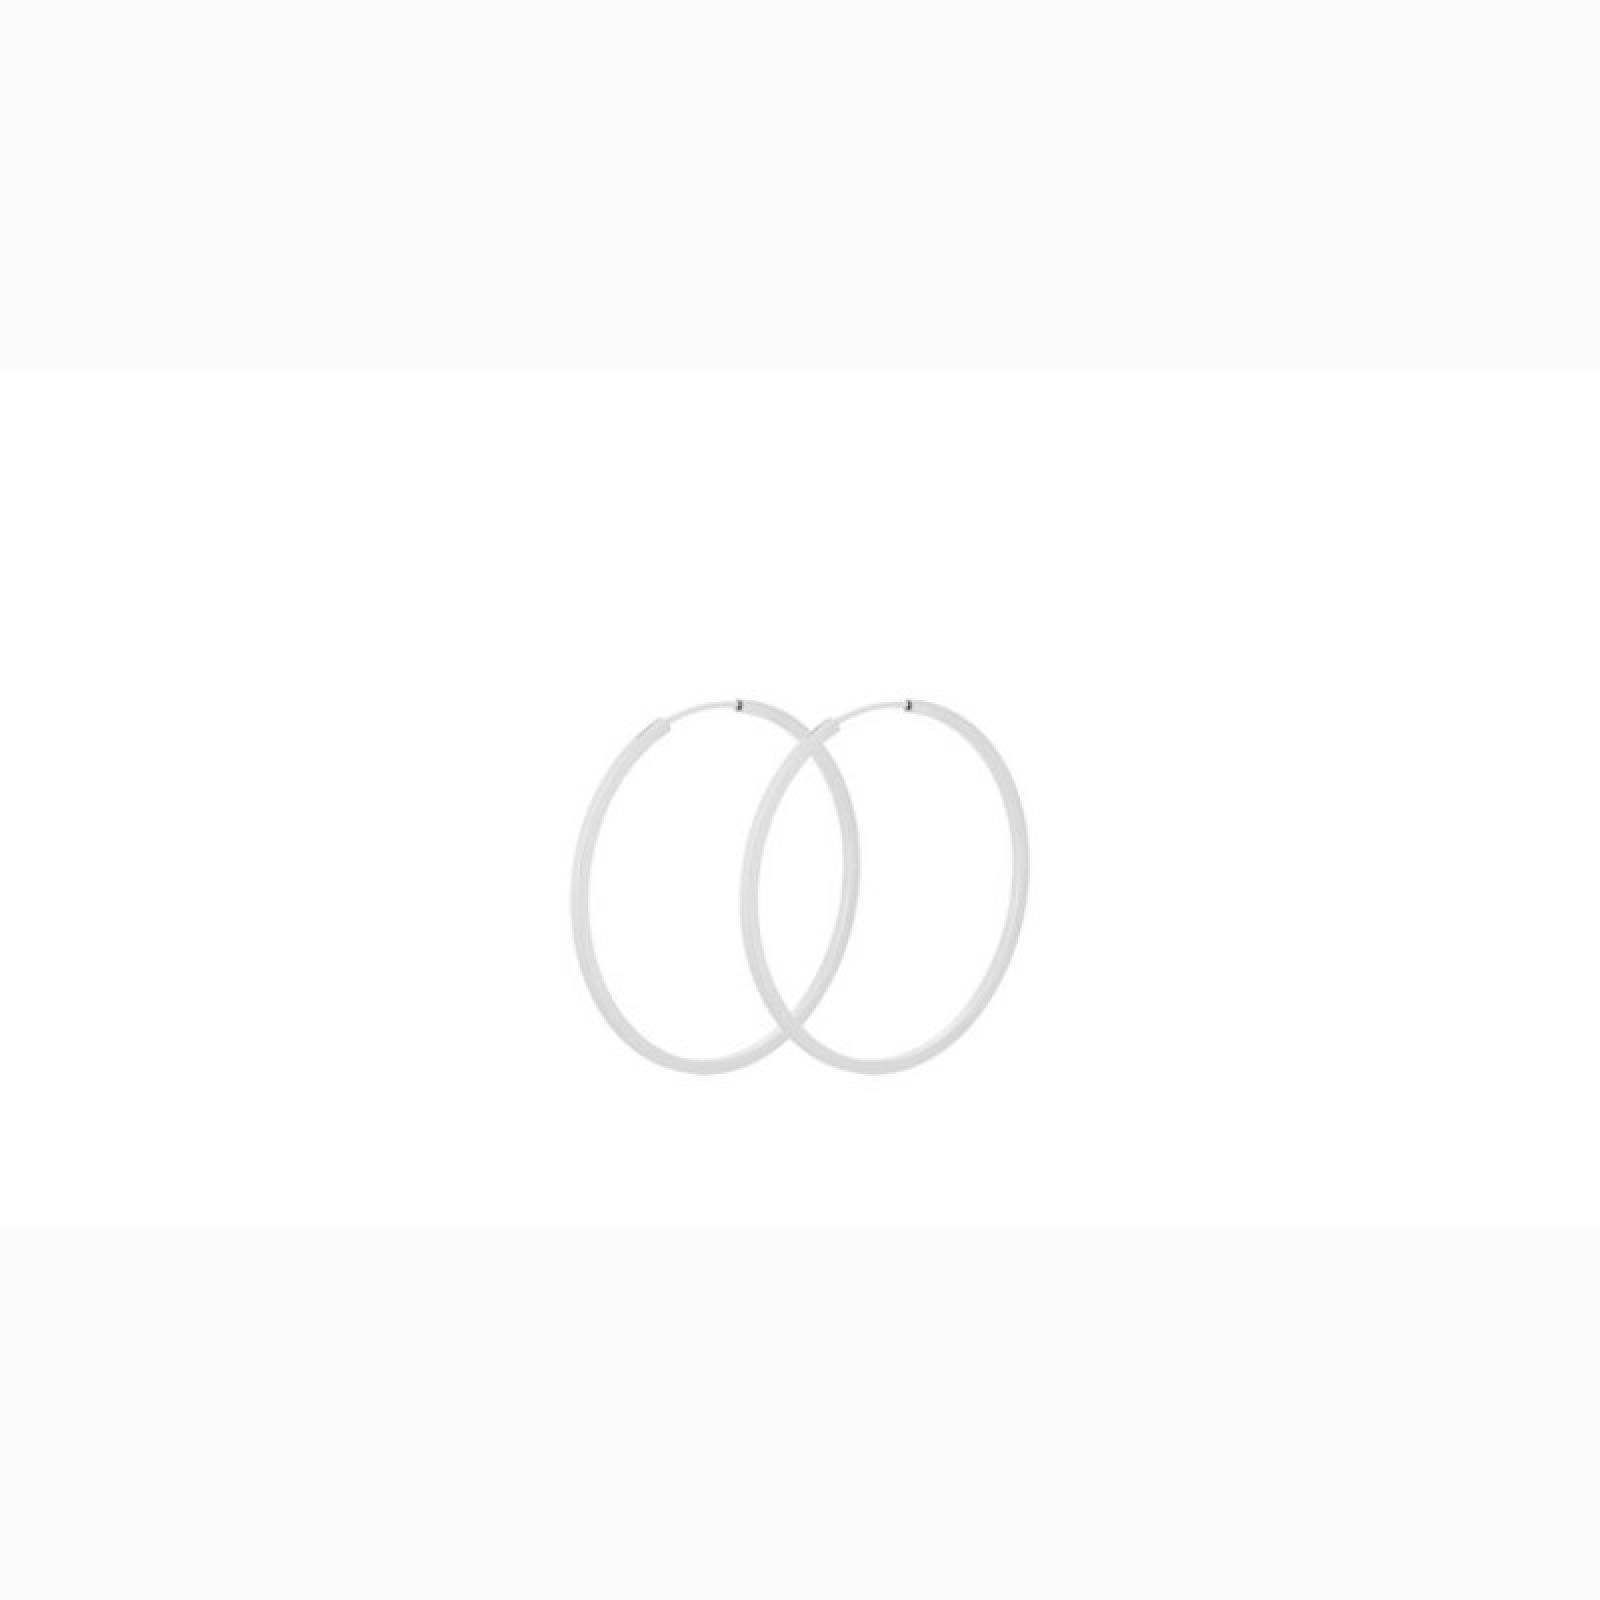 Small Orbit Hoop Earrings In Silver By Pernille Corydon